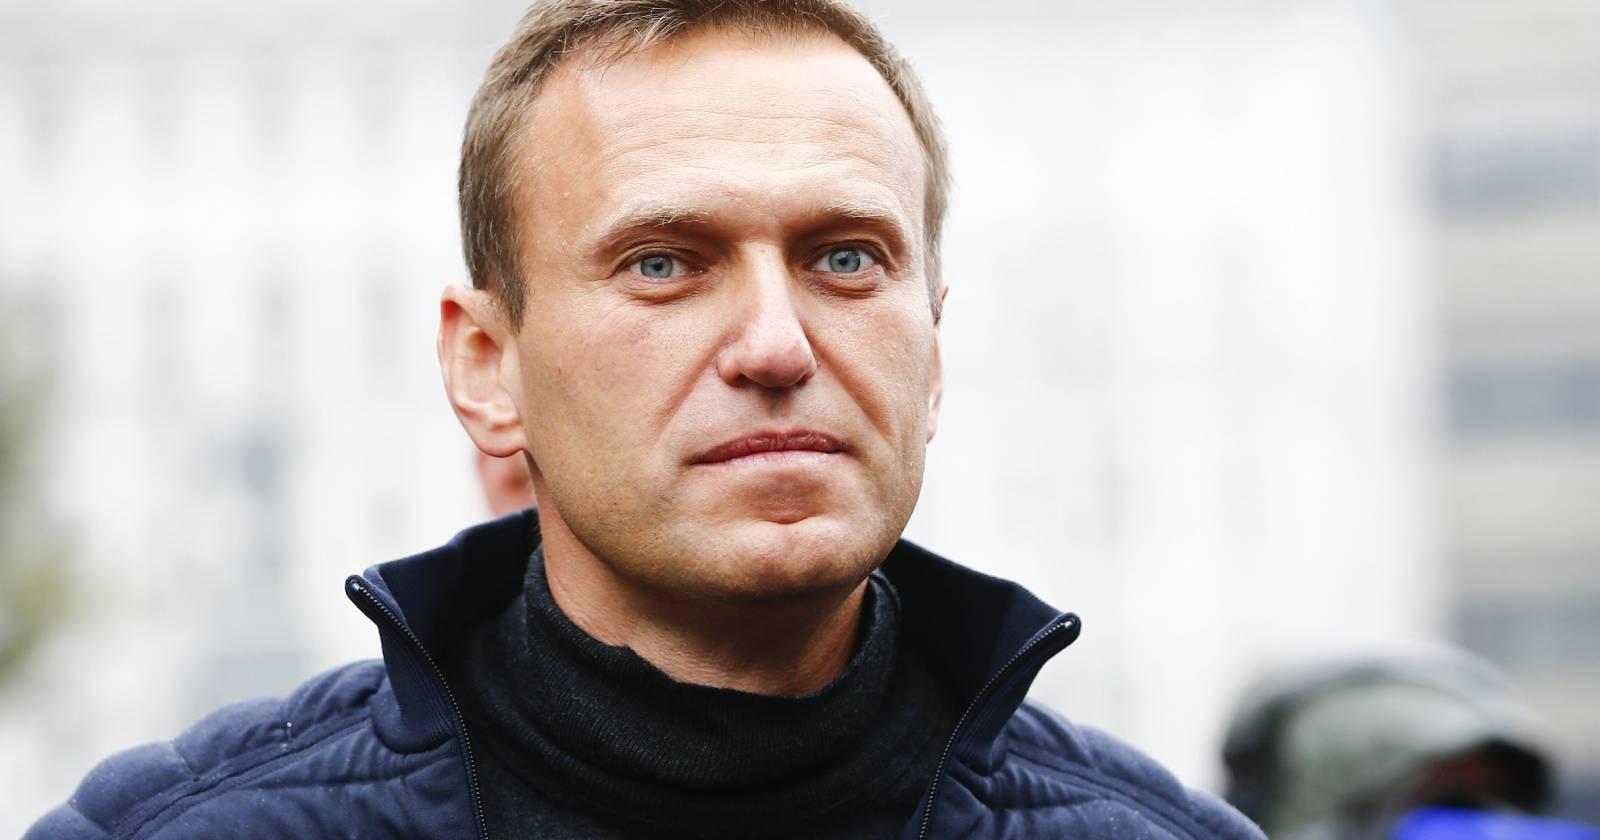 Líder de la oposición de Rusia es hospitalizado en coma por envenenamiento